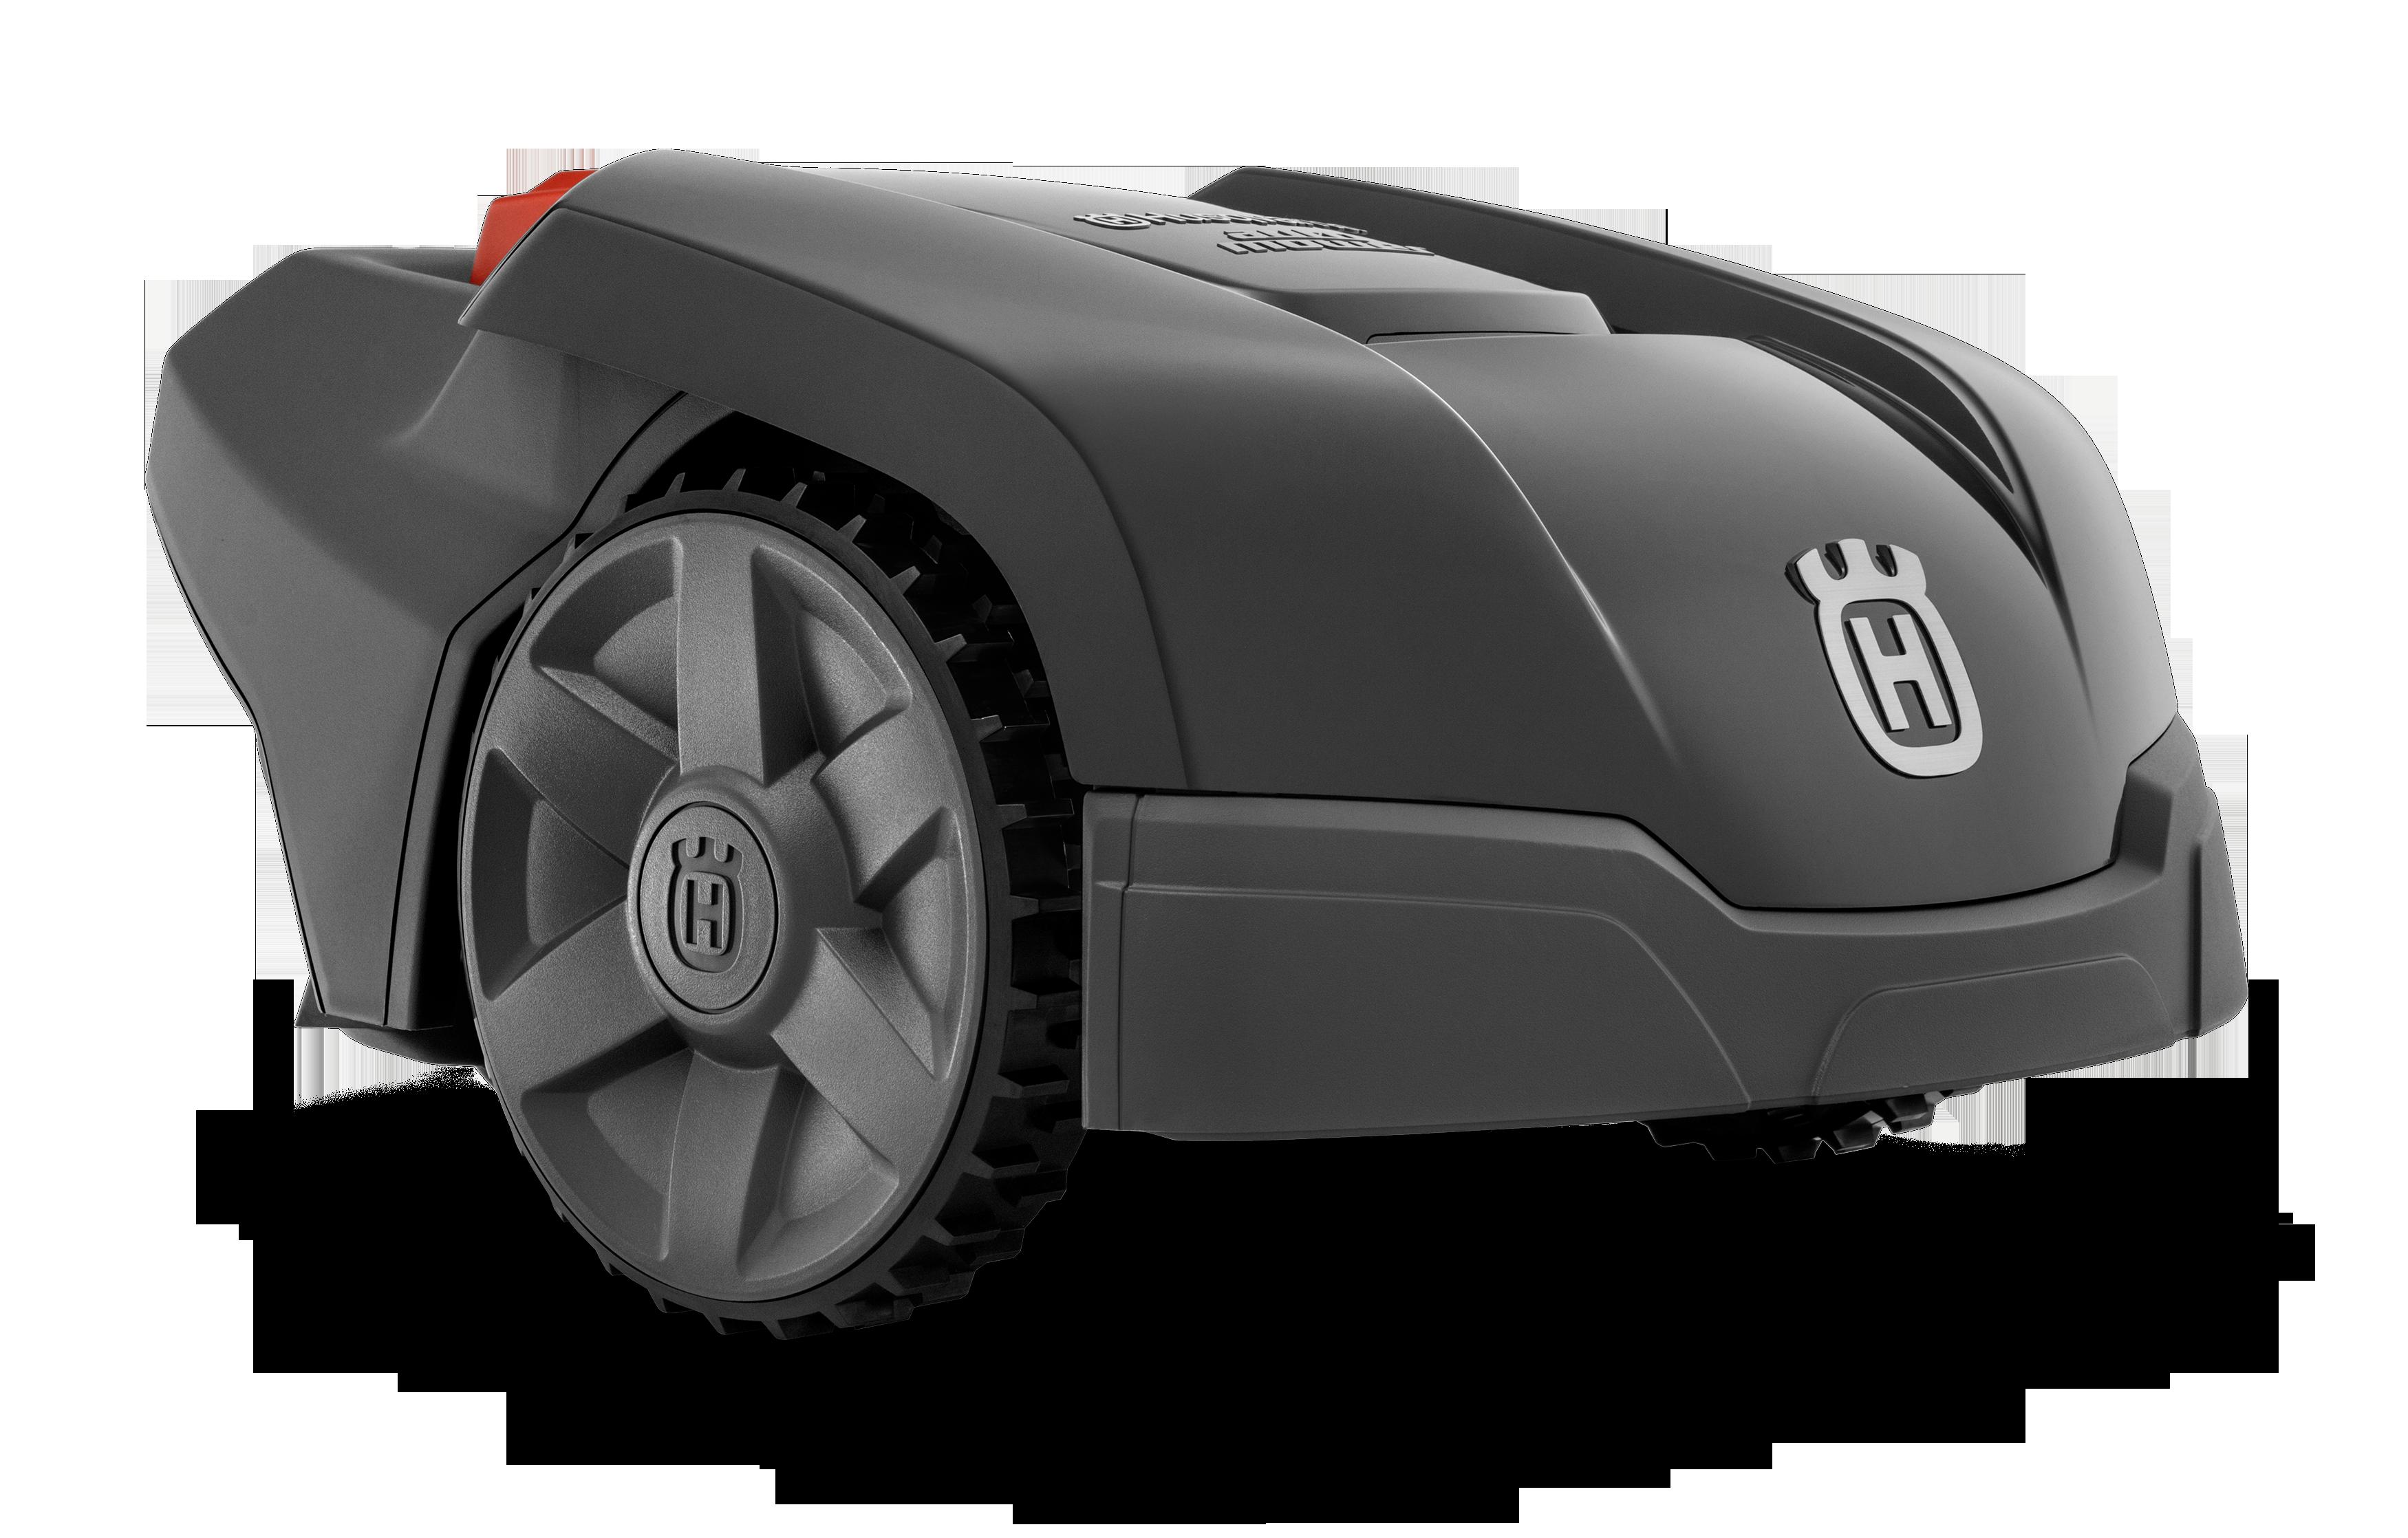 Melns Husqvarna zāles pļāvējs robots – Automower 105 modelis, skats no priekšas labās puses